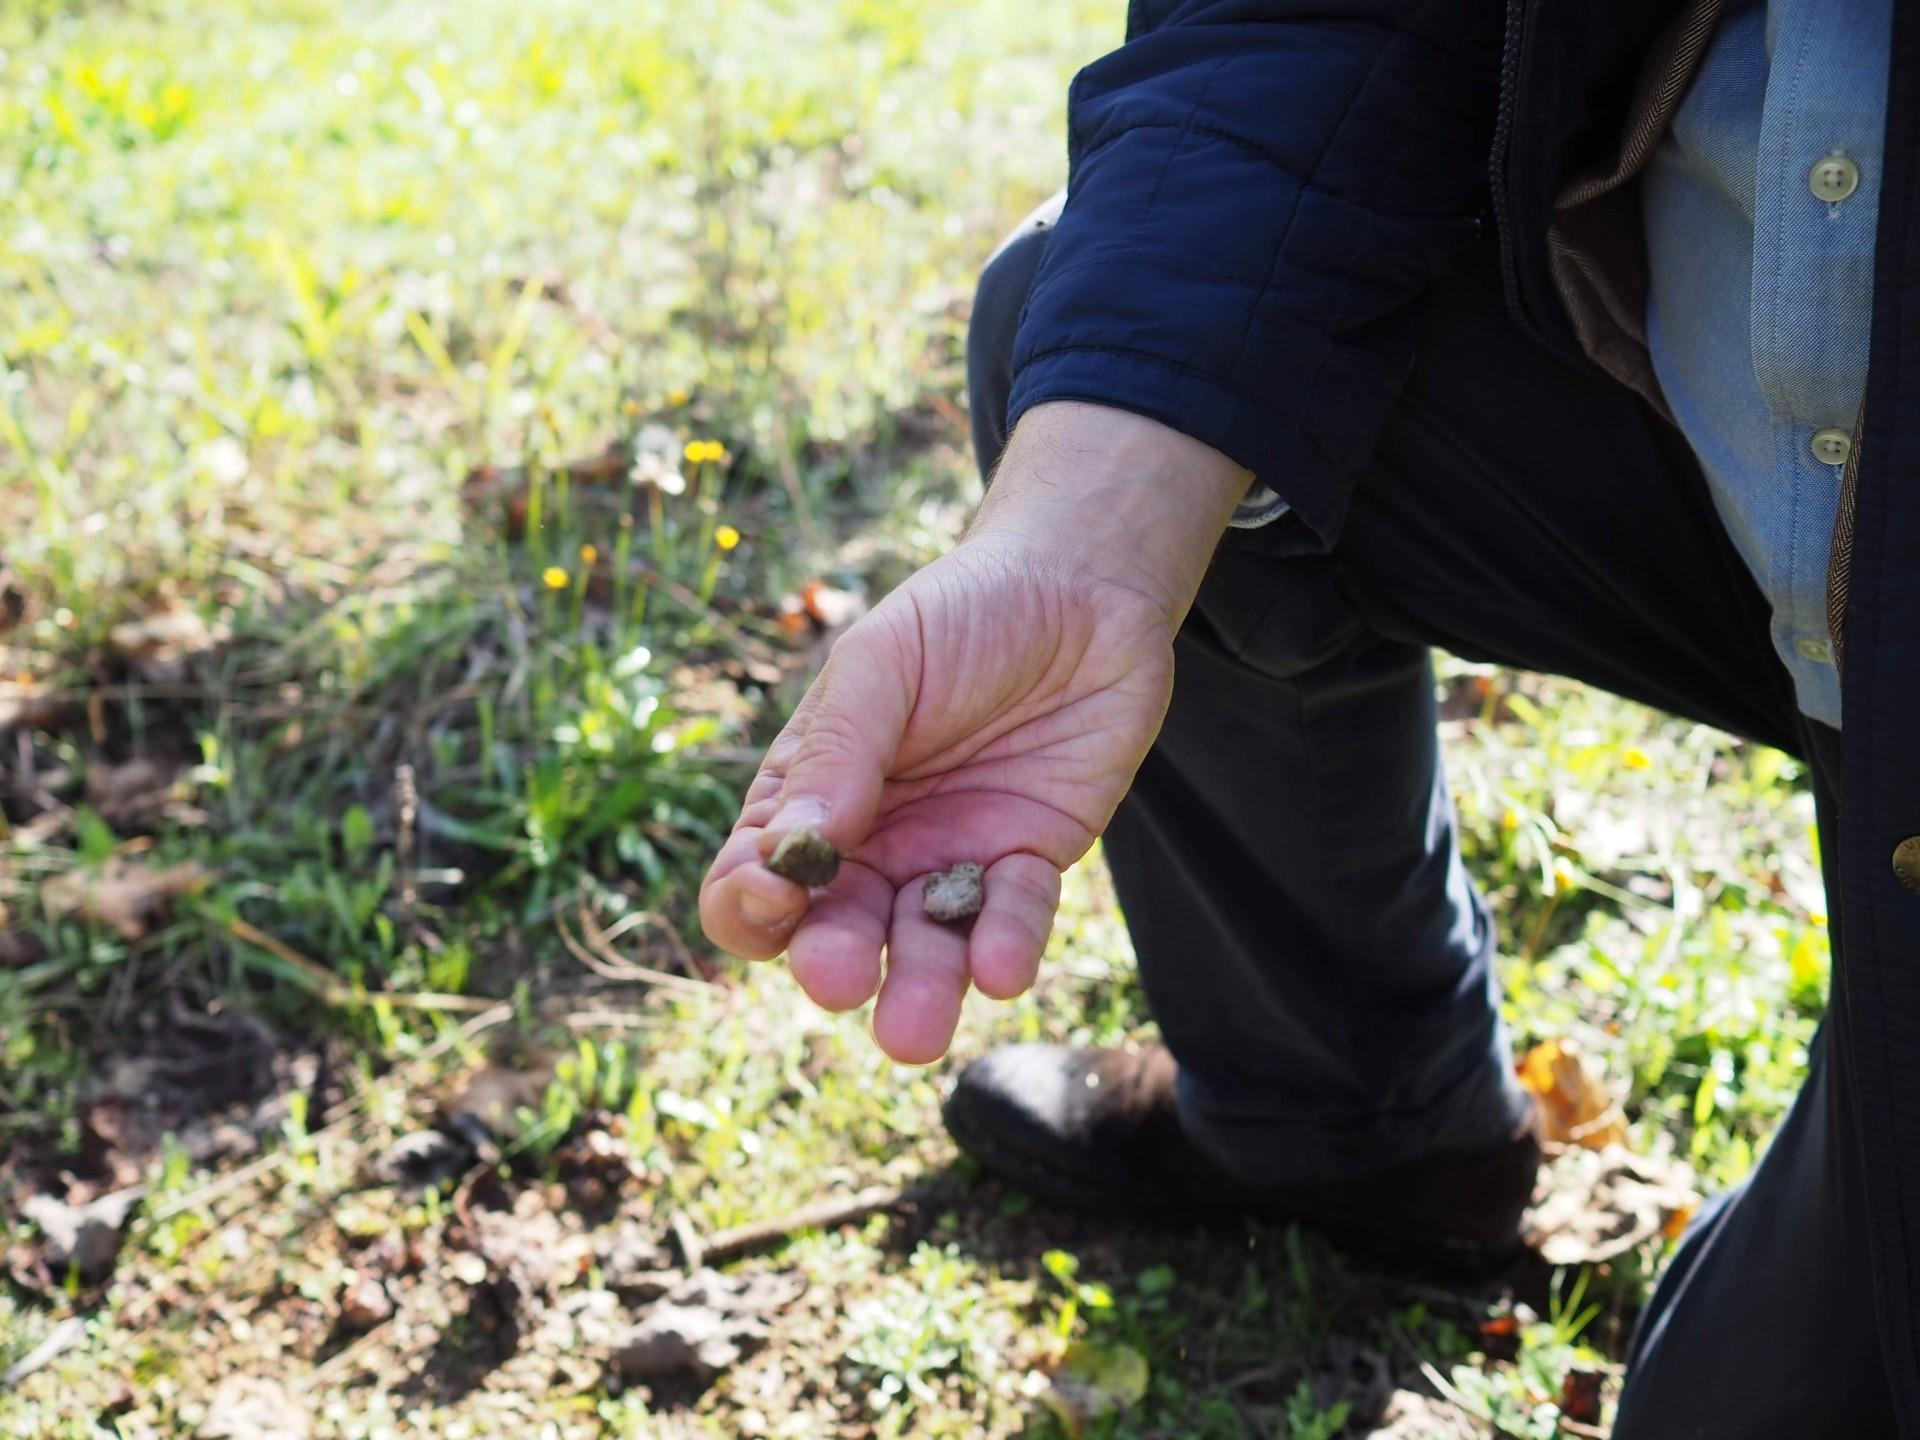 石英を含む砂質花崗岩土壌。これが品質の良いぶどうの原点であると説明してくれました。